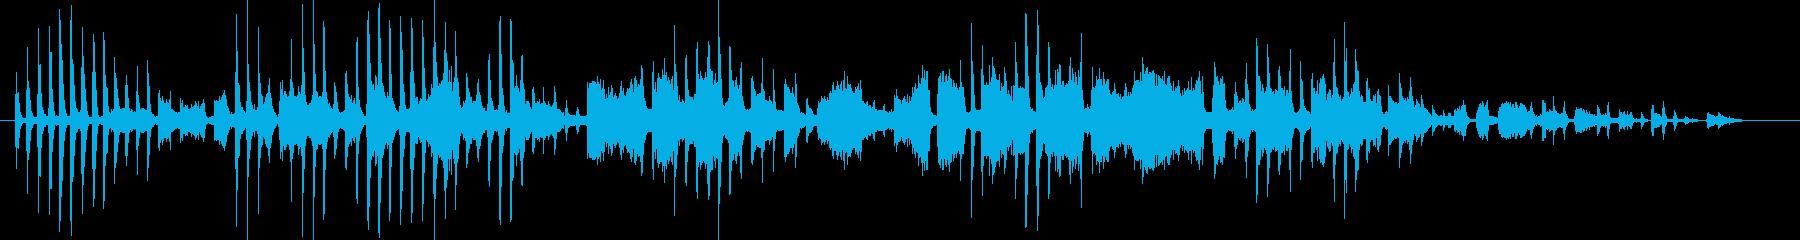 前衛的なメロディーの再生済みの波形